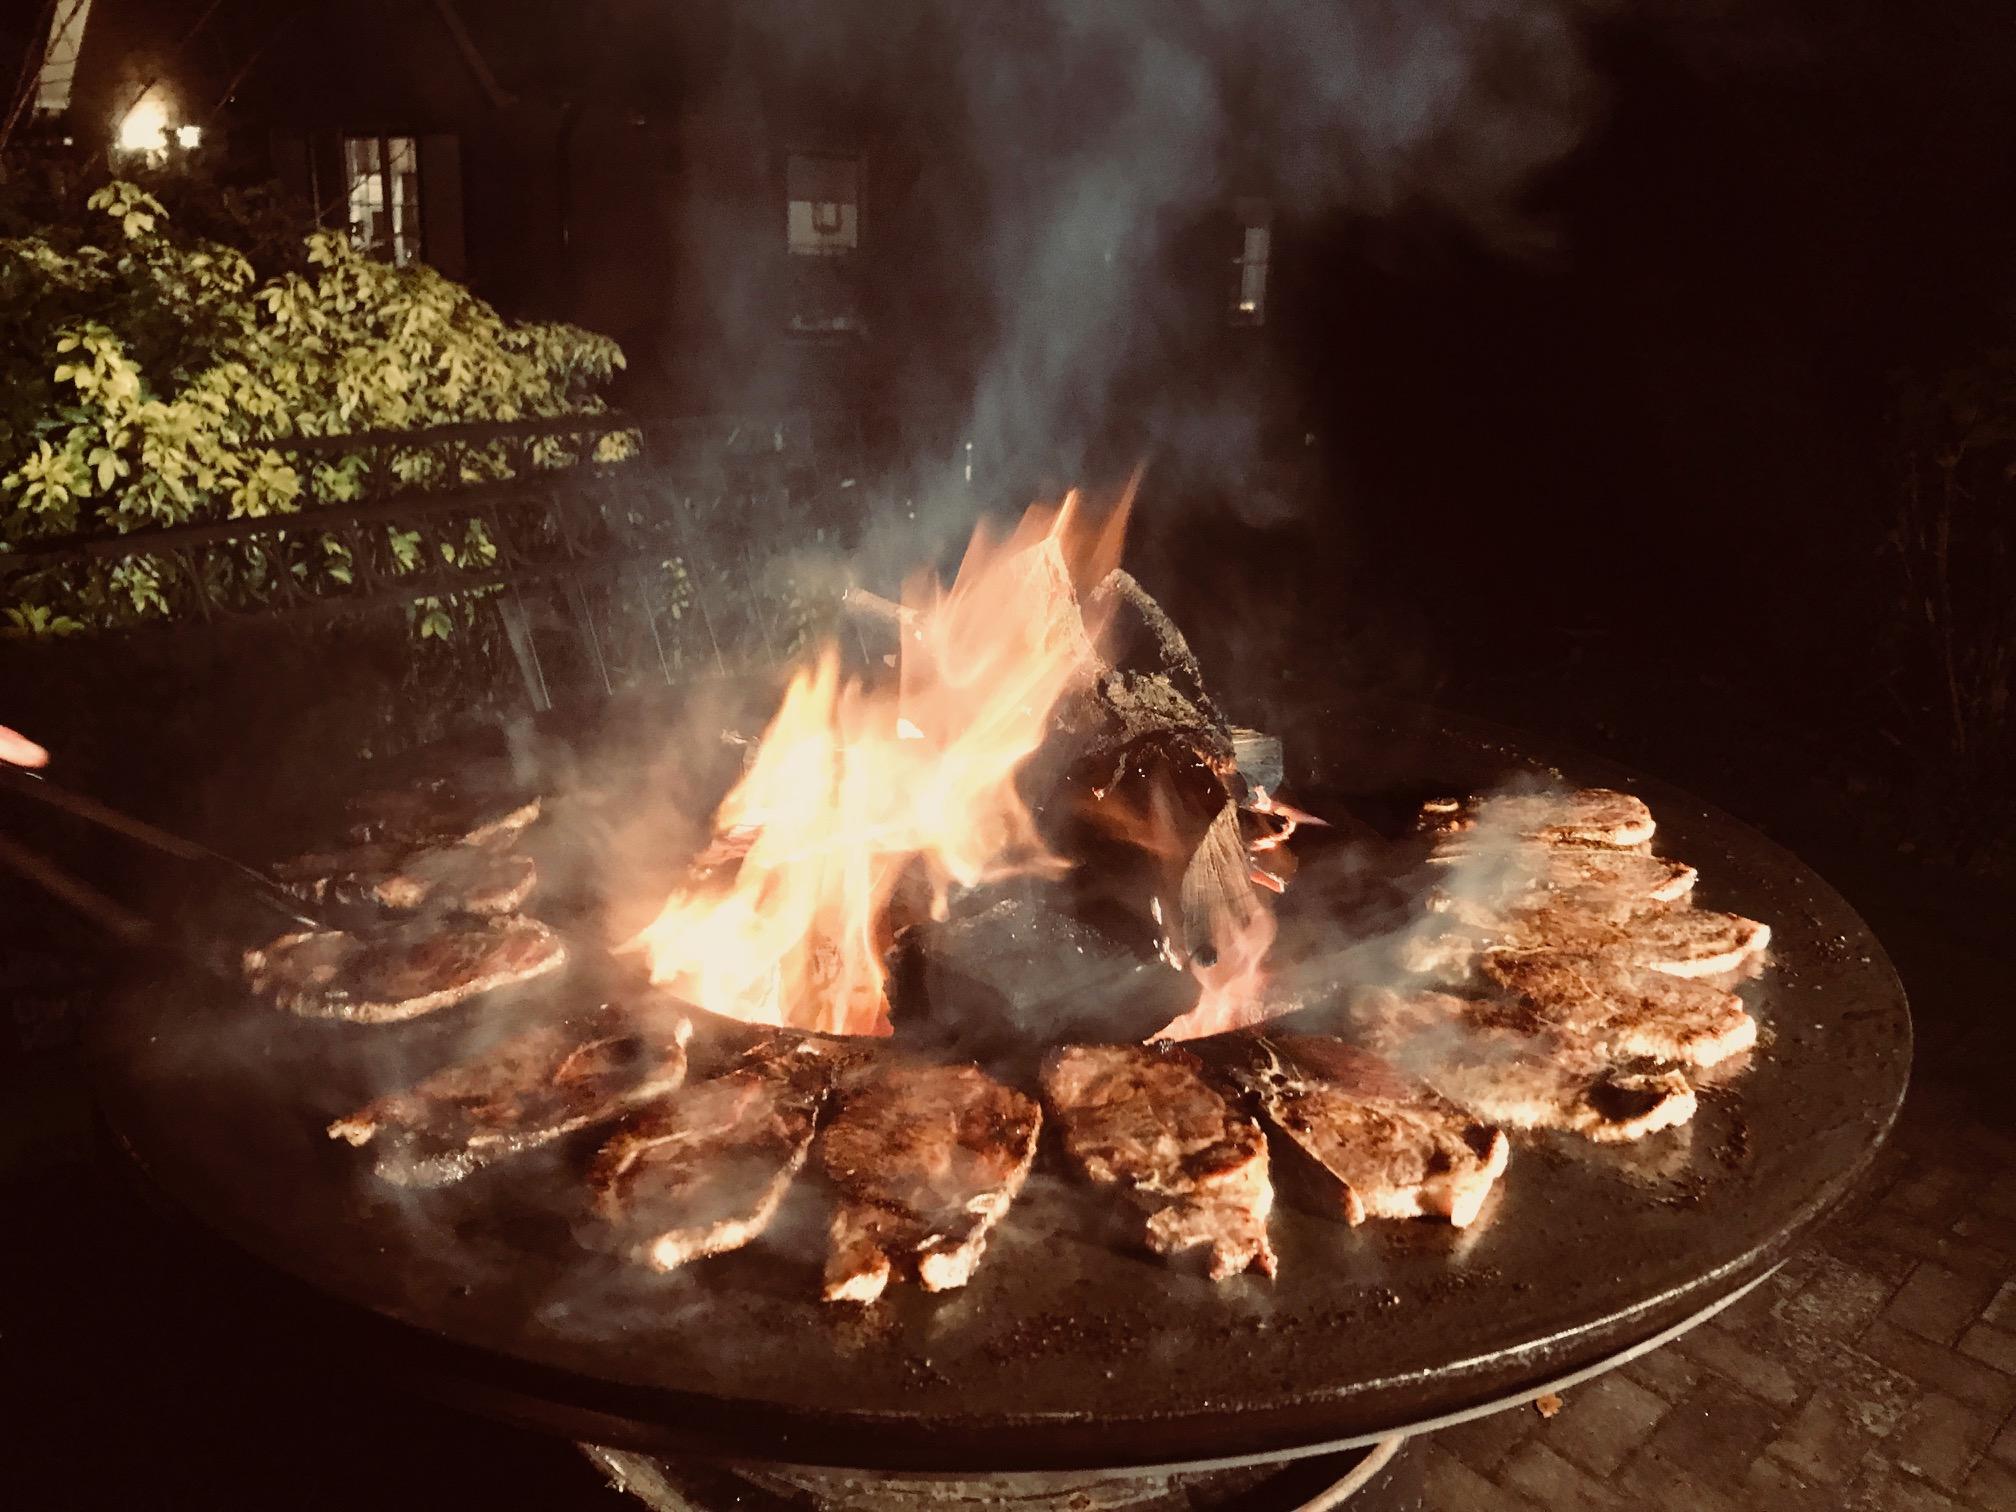 Ofyr voor een barbecue feest in de winter